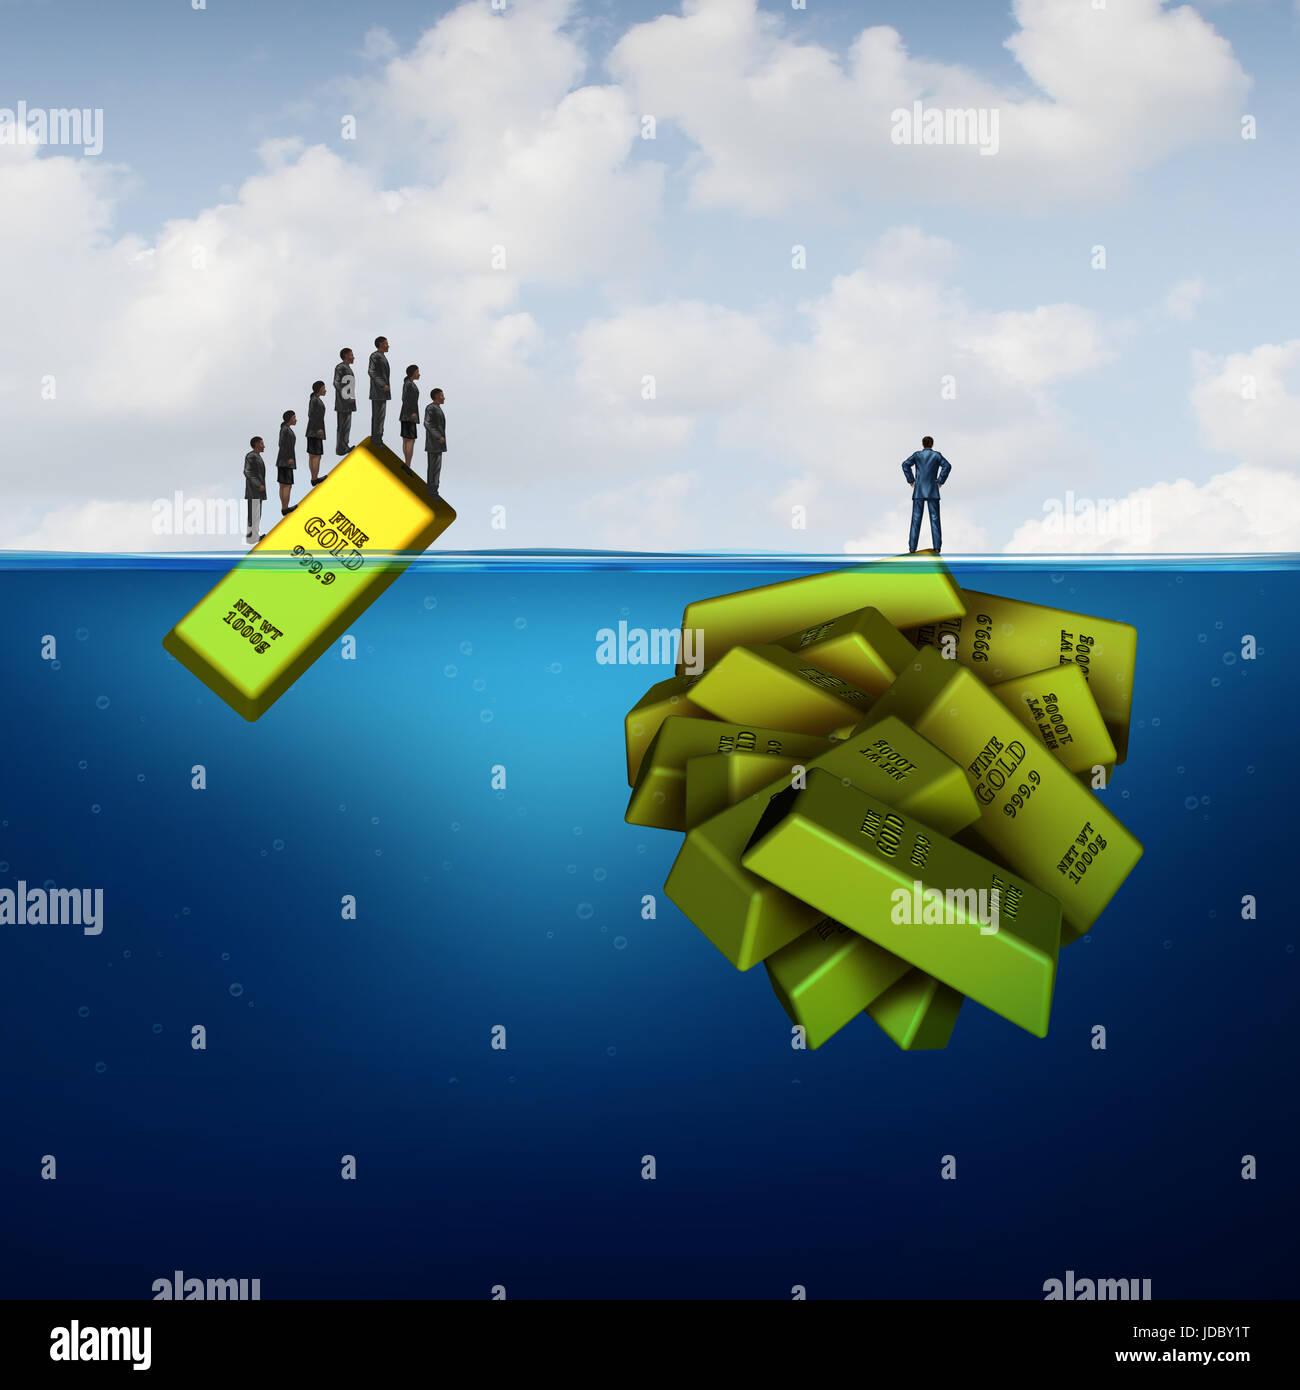 Vision zu investieren und verborgenen Reichtum Gelegenheit Geschäftskonzept als intelligente Finanzinvestor Stockbild